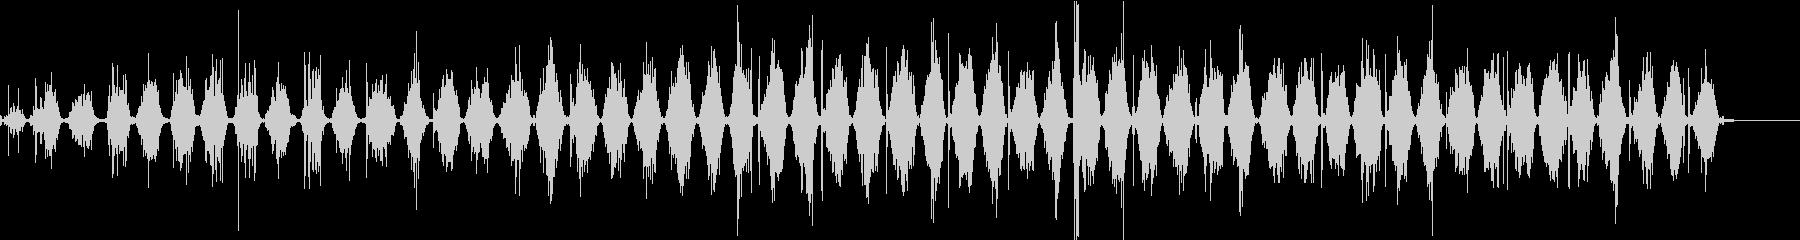 【生録音】ノコギリで物を切る音 4の未再生の波形